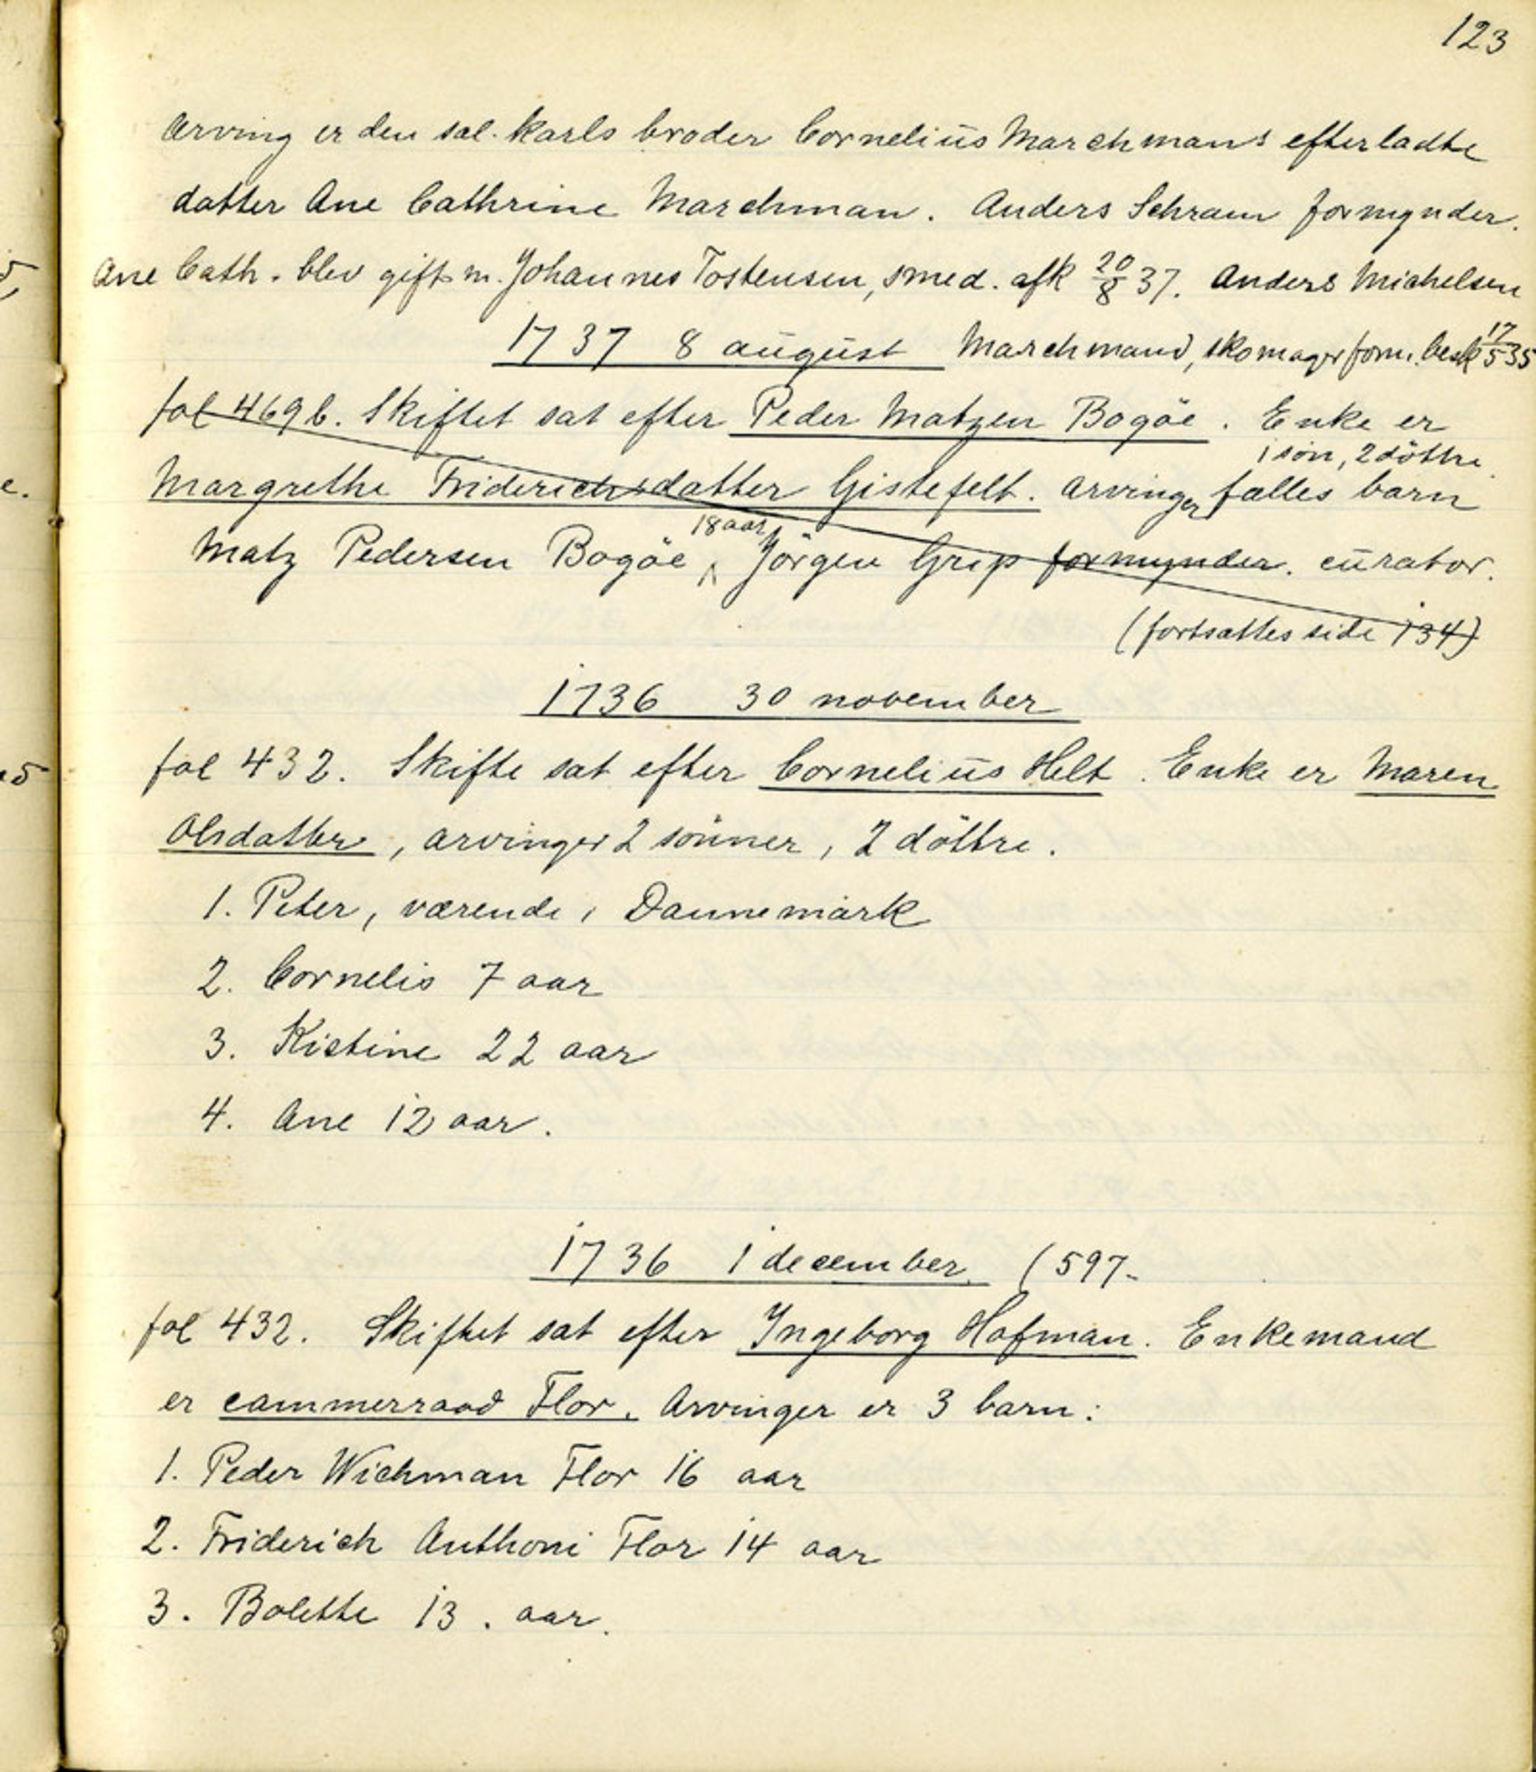 SAB, Sollied, Olaf og Thora - samlinger, 01/L0010: Skifte: Utdrag av skifteprotokoller, 1731-1740, s. 123